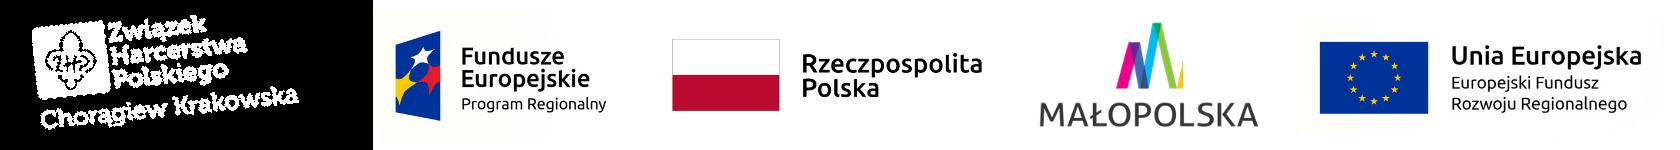 ZHP Chorągiew Krakowska -